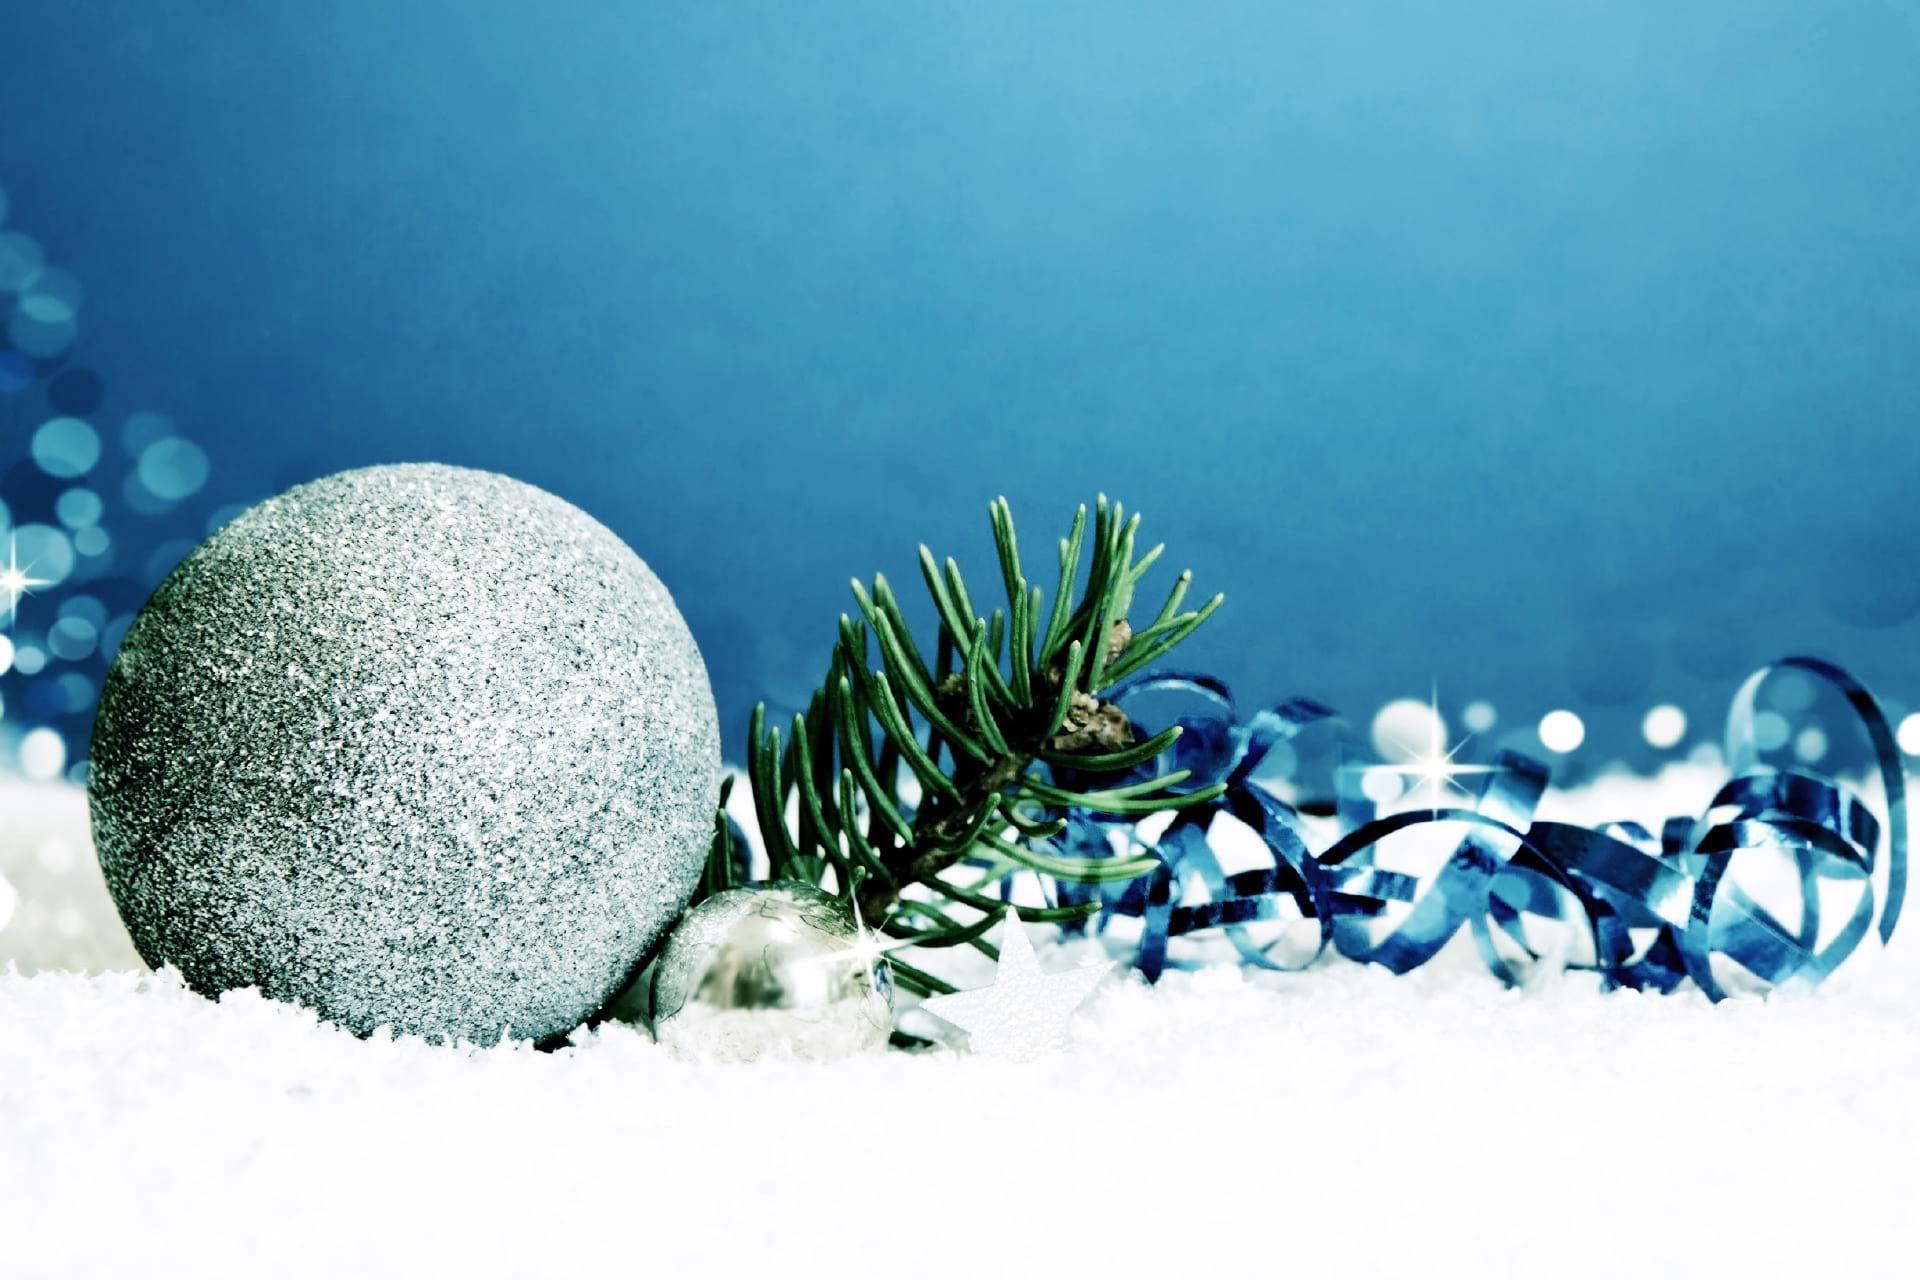 Artikel Weihnachten.Artikel Alptekin